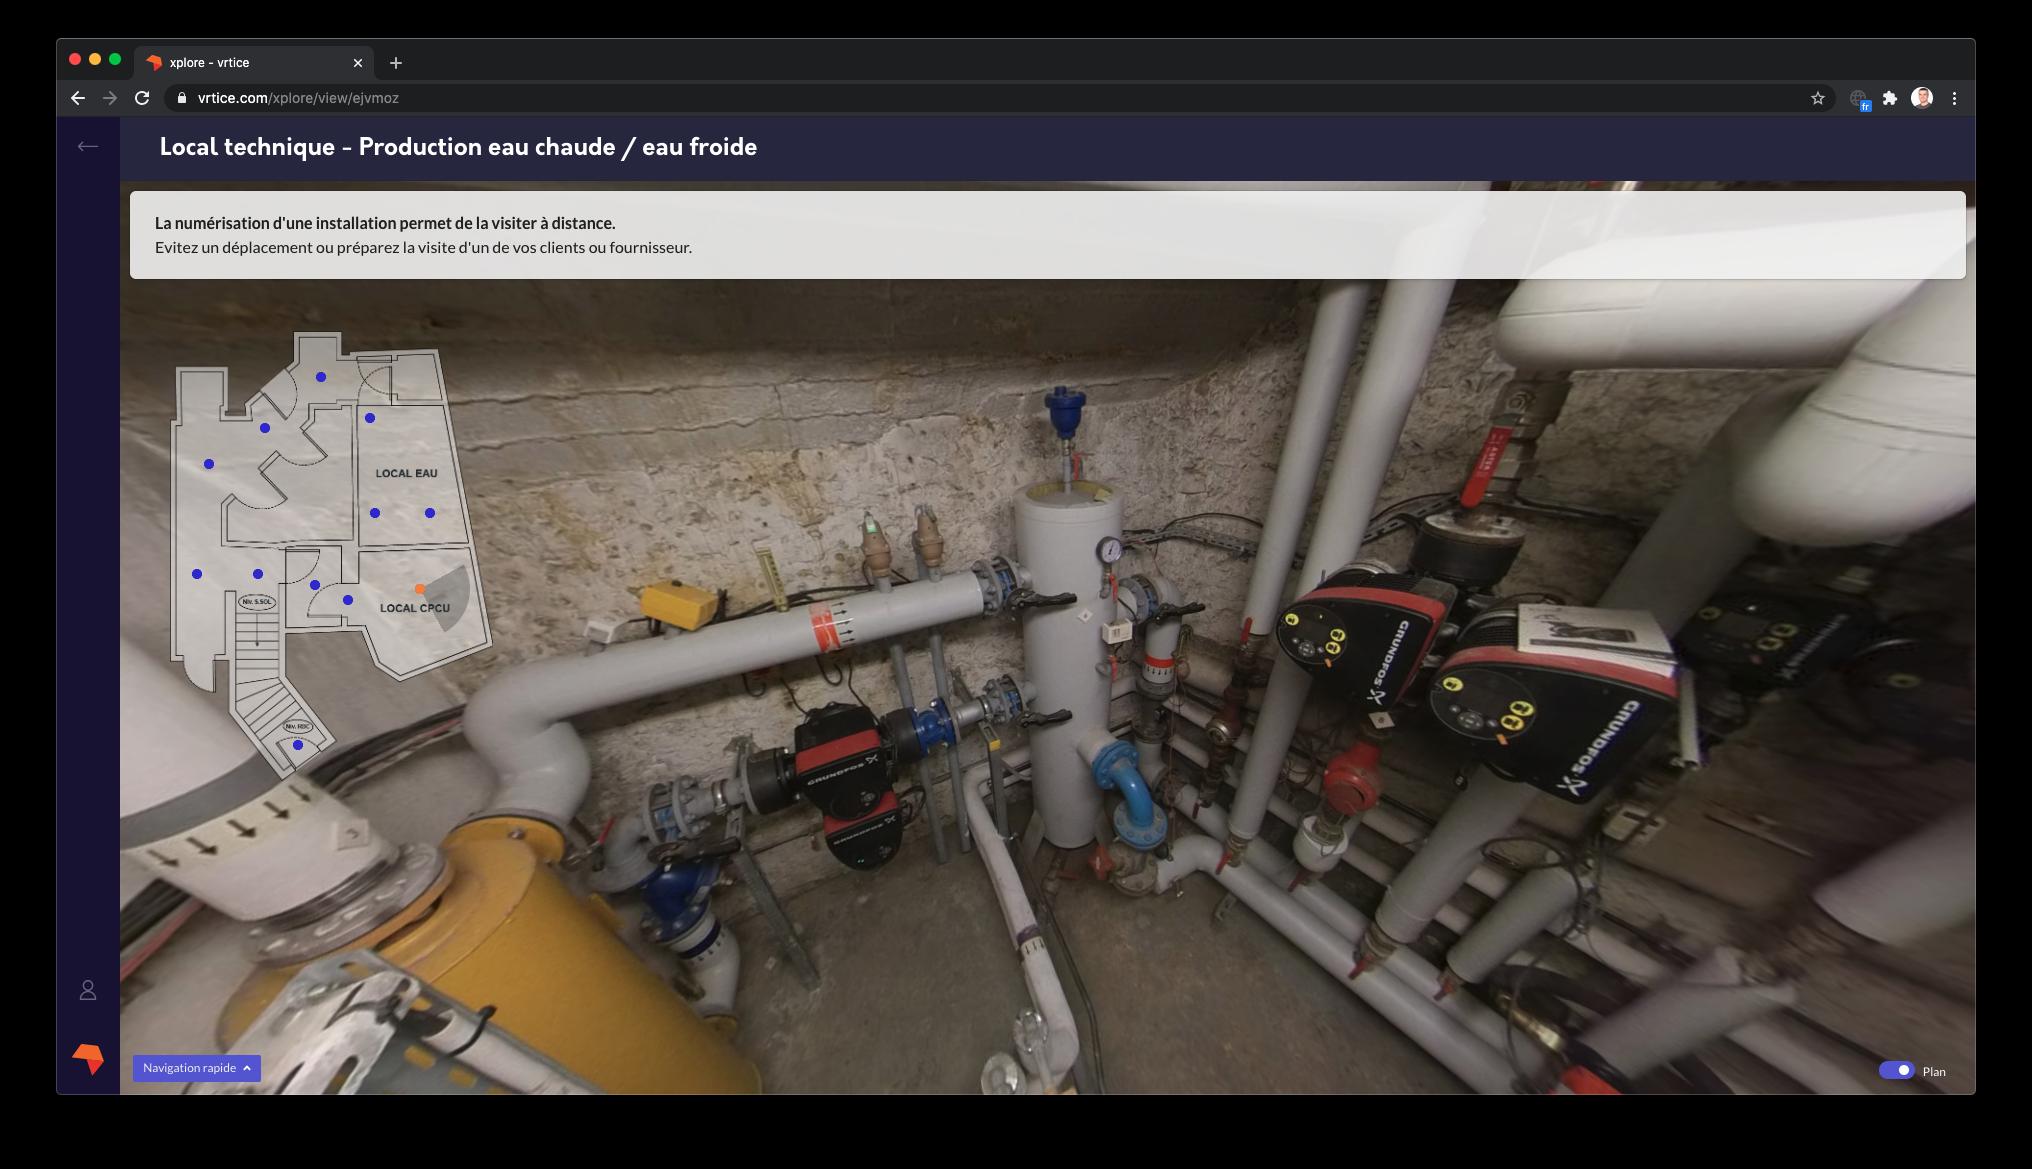 Avec sa plateforme web, vrtice démocratise la visite virtuelle pour la maintenance des locaux techniques des bâtiments résidentiels et tertiaires